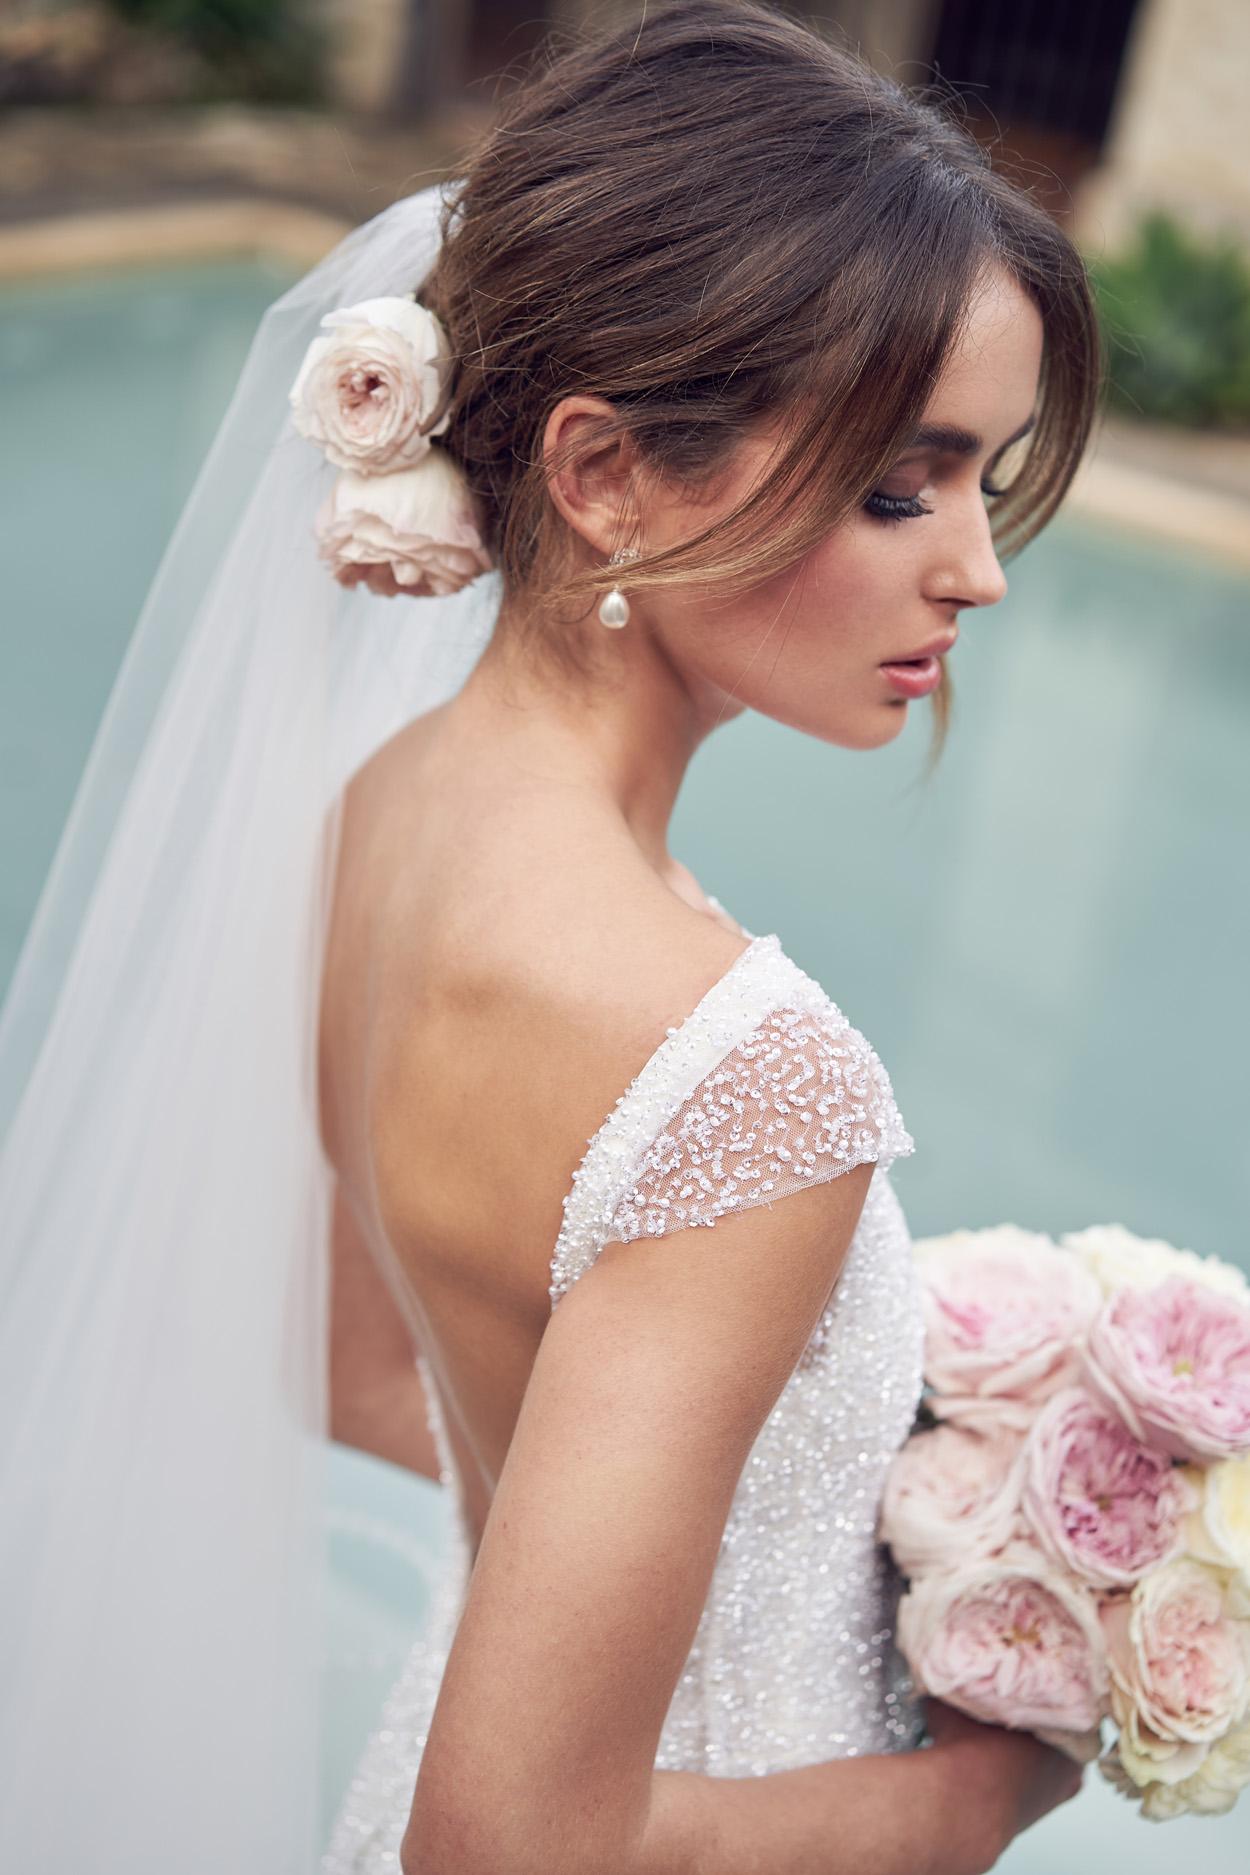 Blair_back_Dress_wanderlust_anna_campbell_wedding_Dress_inspire_Weddings.jpg